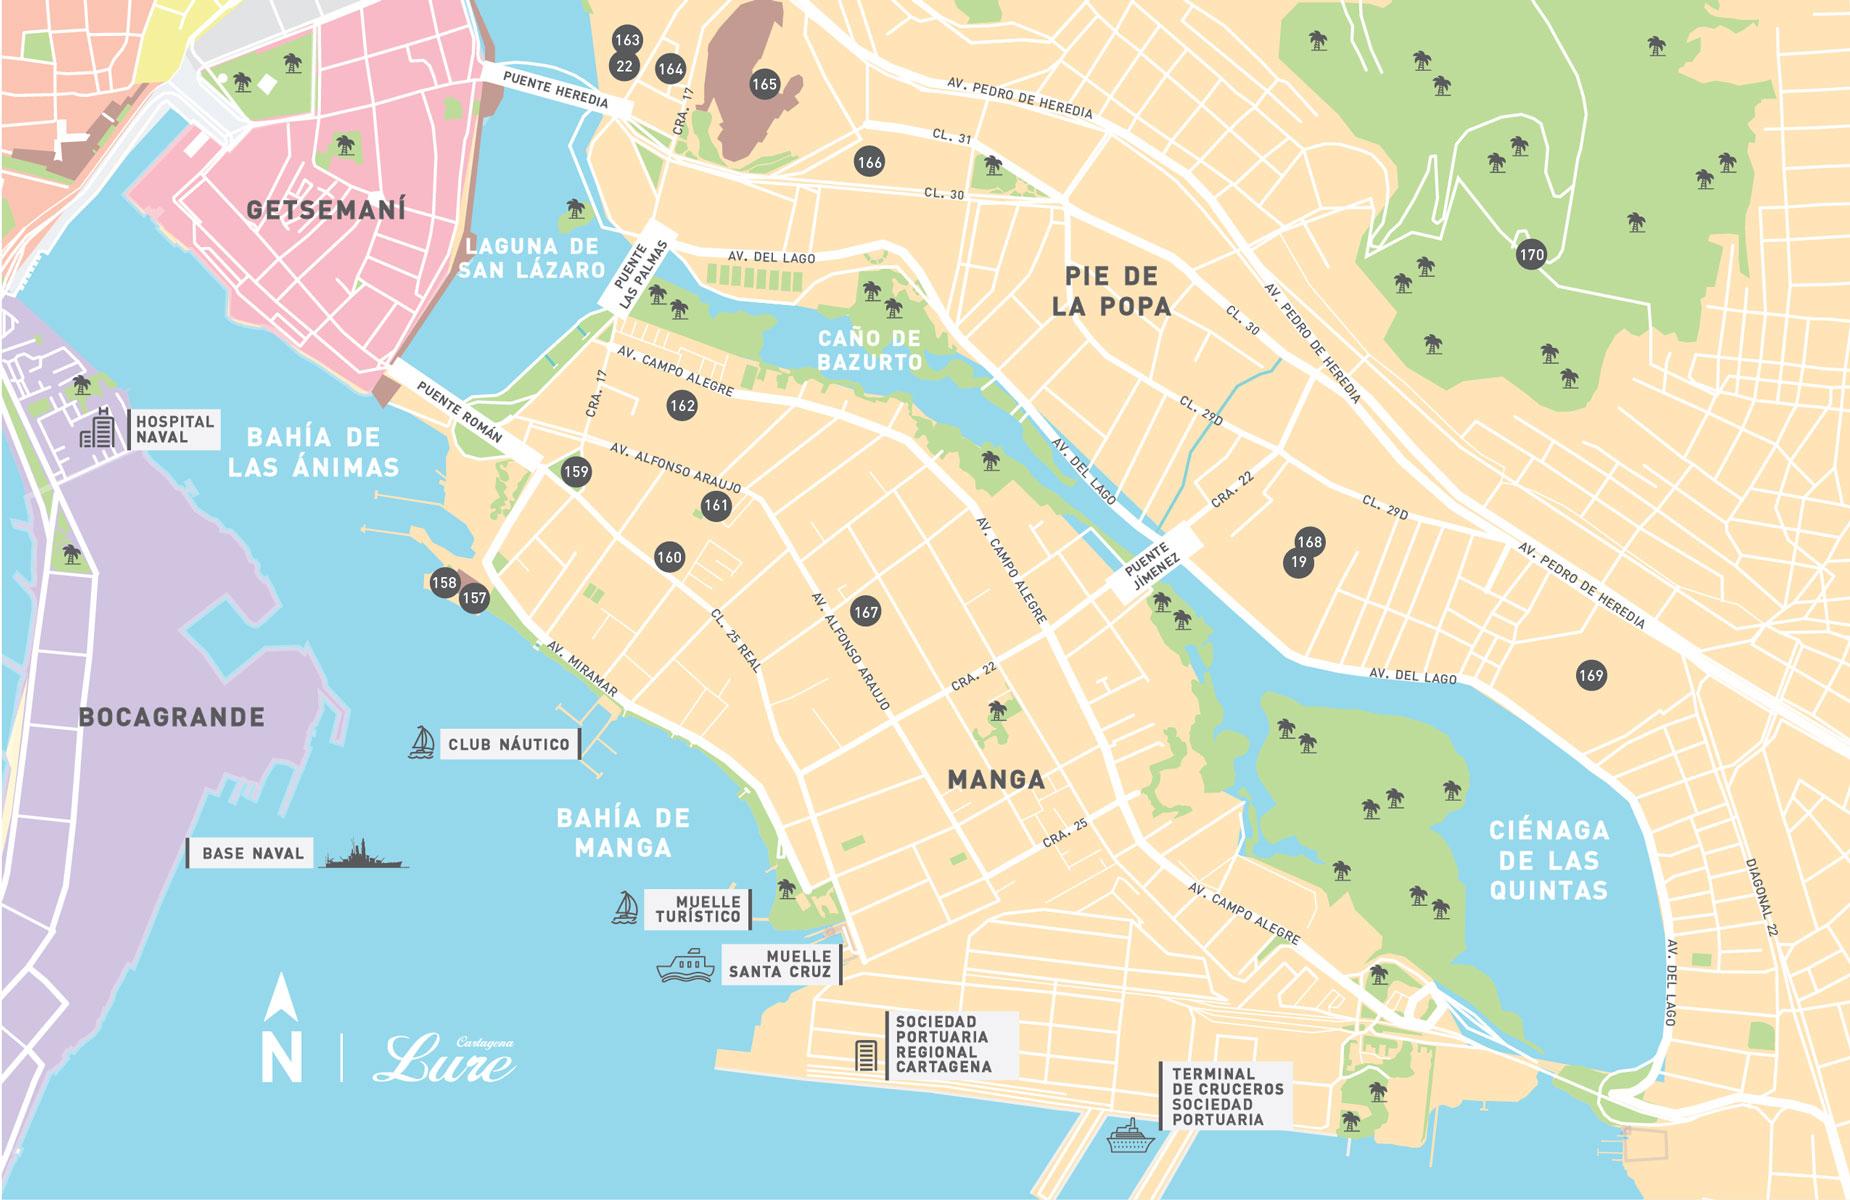 Mapa de pie de la Popa y Manga